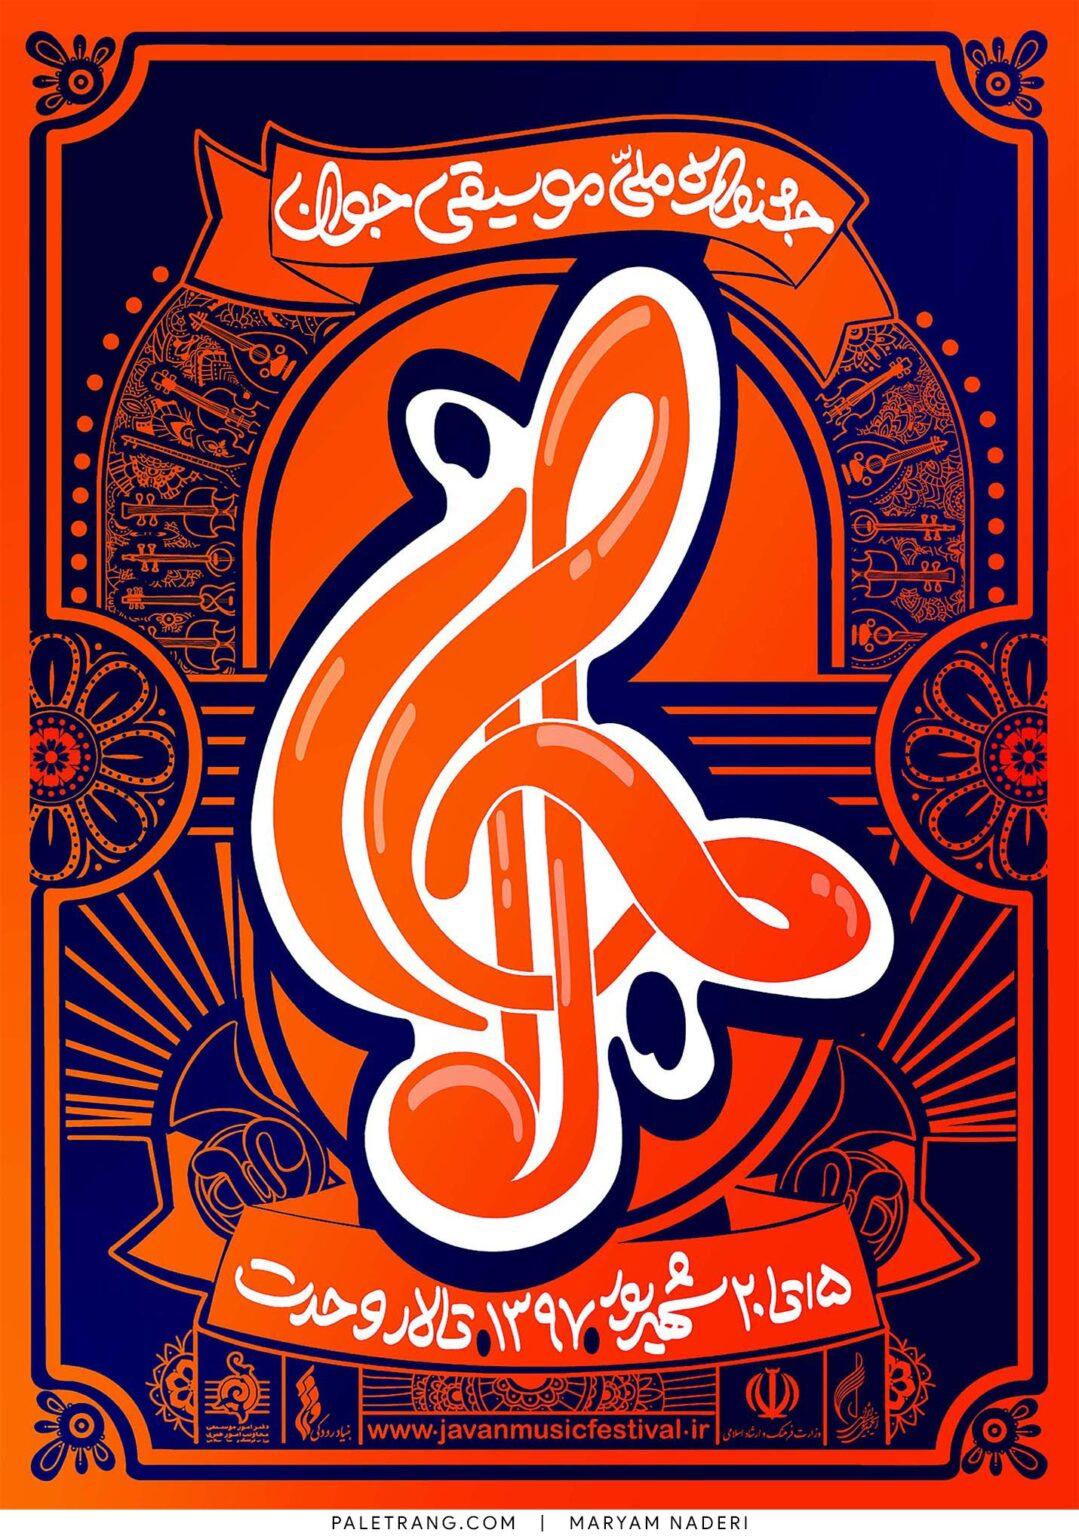 پوستر جشنواره ملی موسیقی جوان اثر مریم نادری